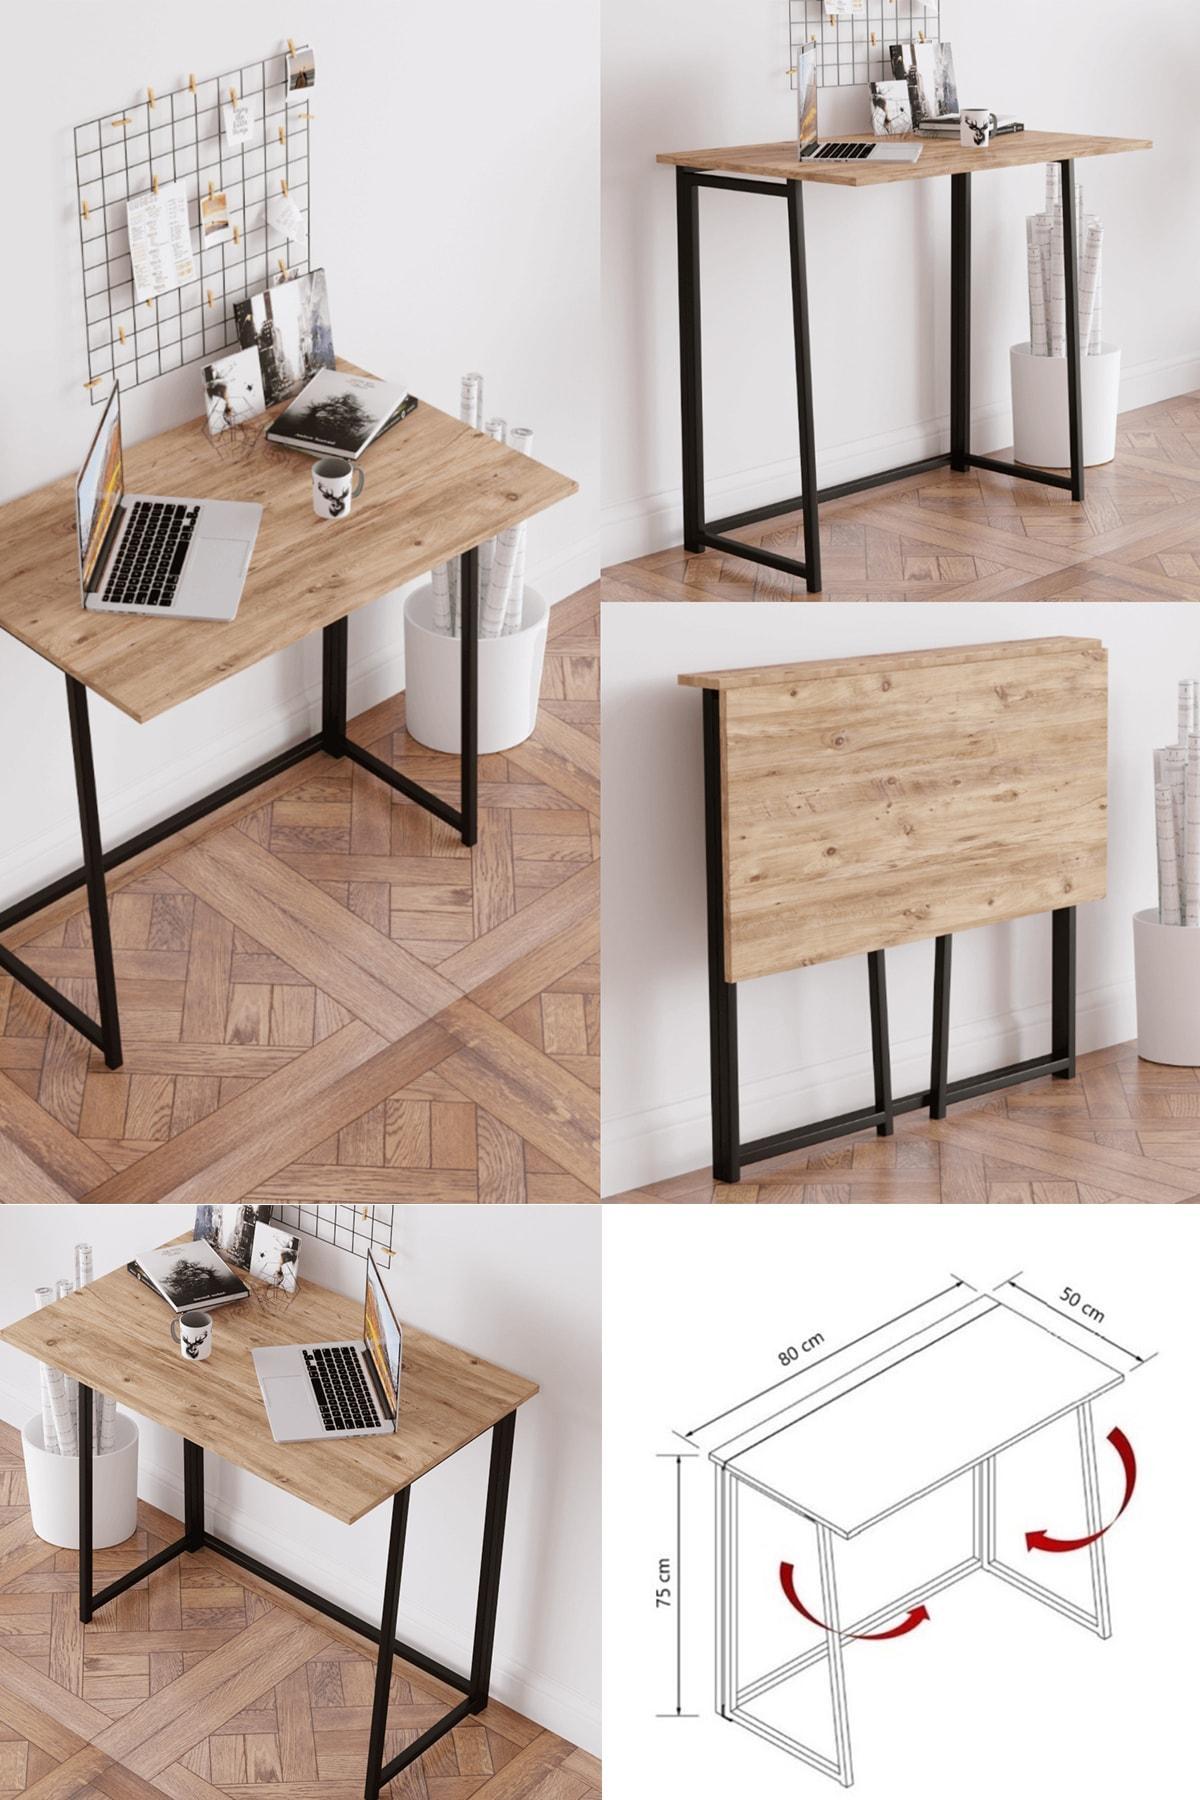 Work Katlanabilir Çalışma Masası Bilgisayar Masası Çizim Masası